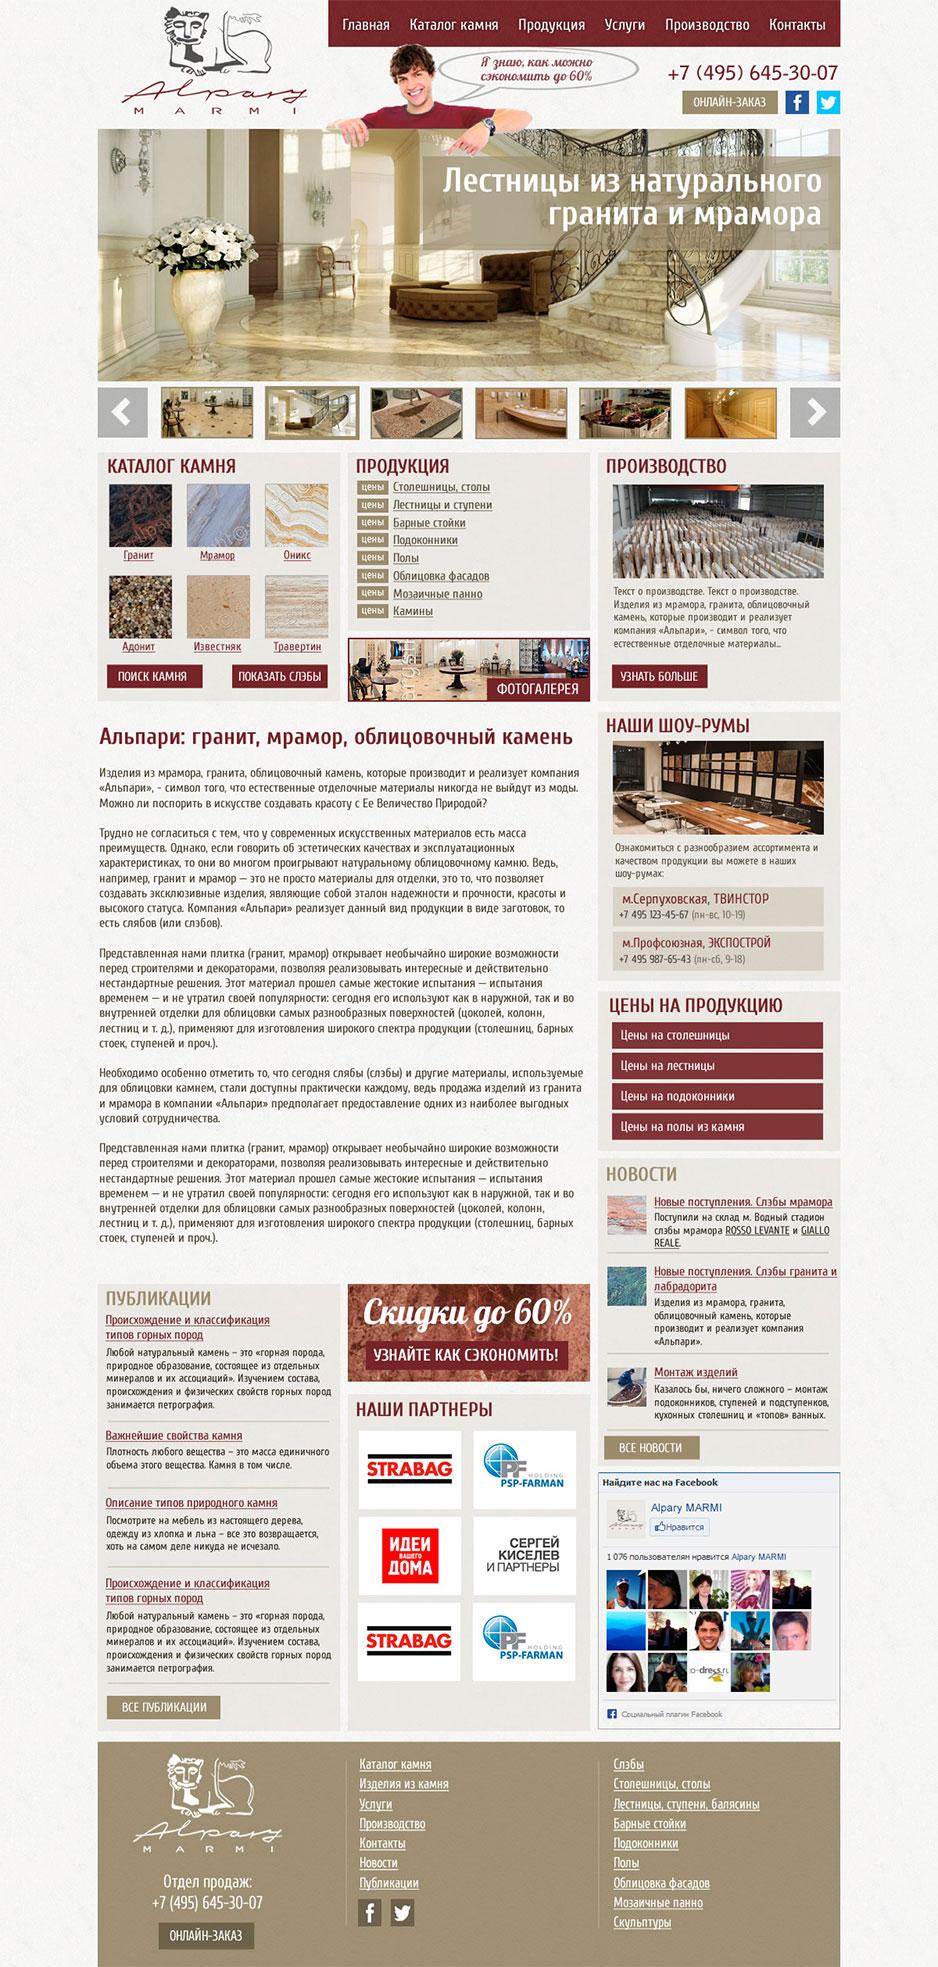 Создание корпоративного сайта-каталога Alpary Marmi